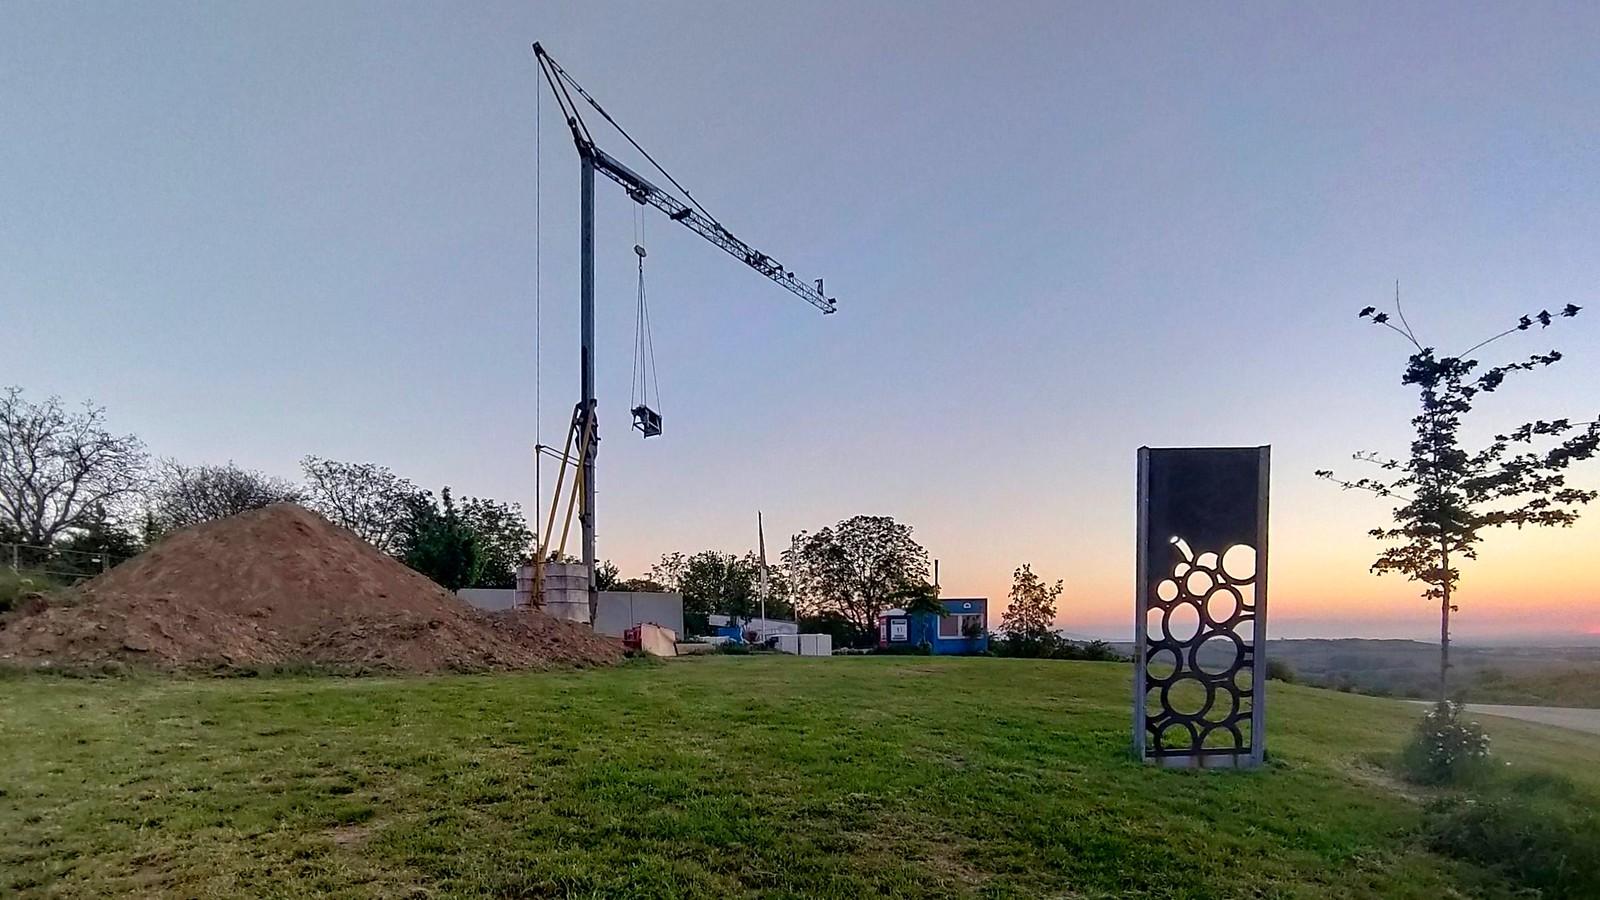 Bau der Einkehrhütte an der Schönsten Weinsicht 2020 Rheinhessen